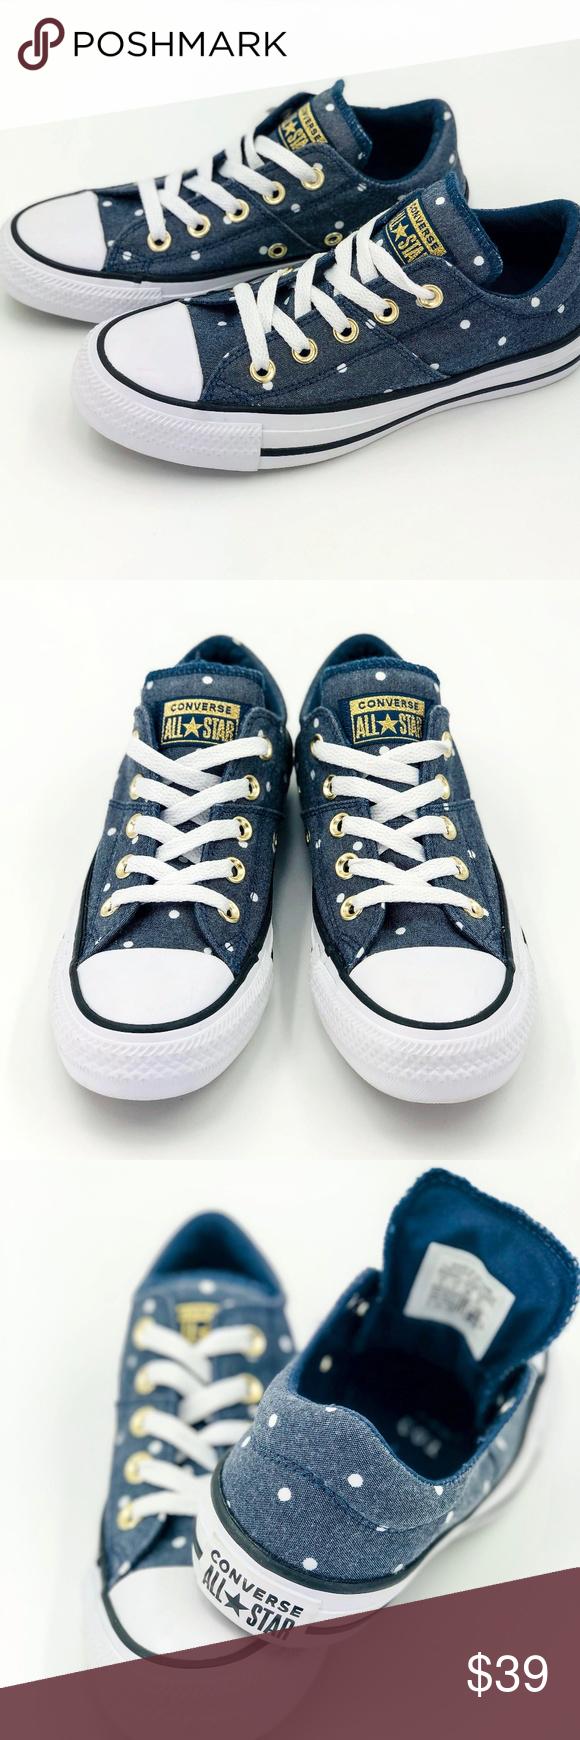 30d9dc18d107 Blue Converse Madison Mini Dots Low Top Sneaker Description  New never worn  Women s Size 5